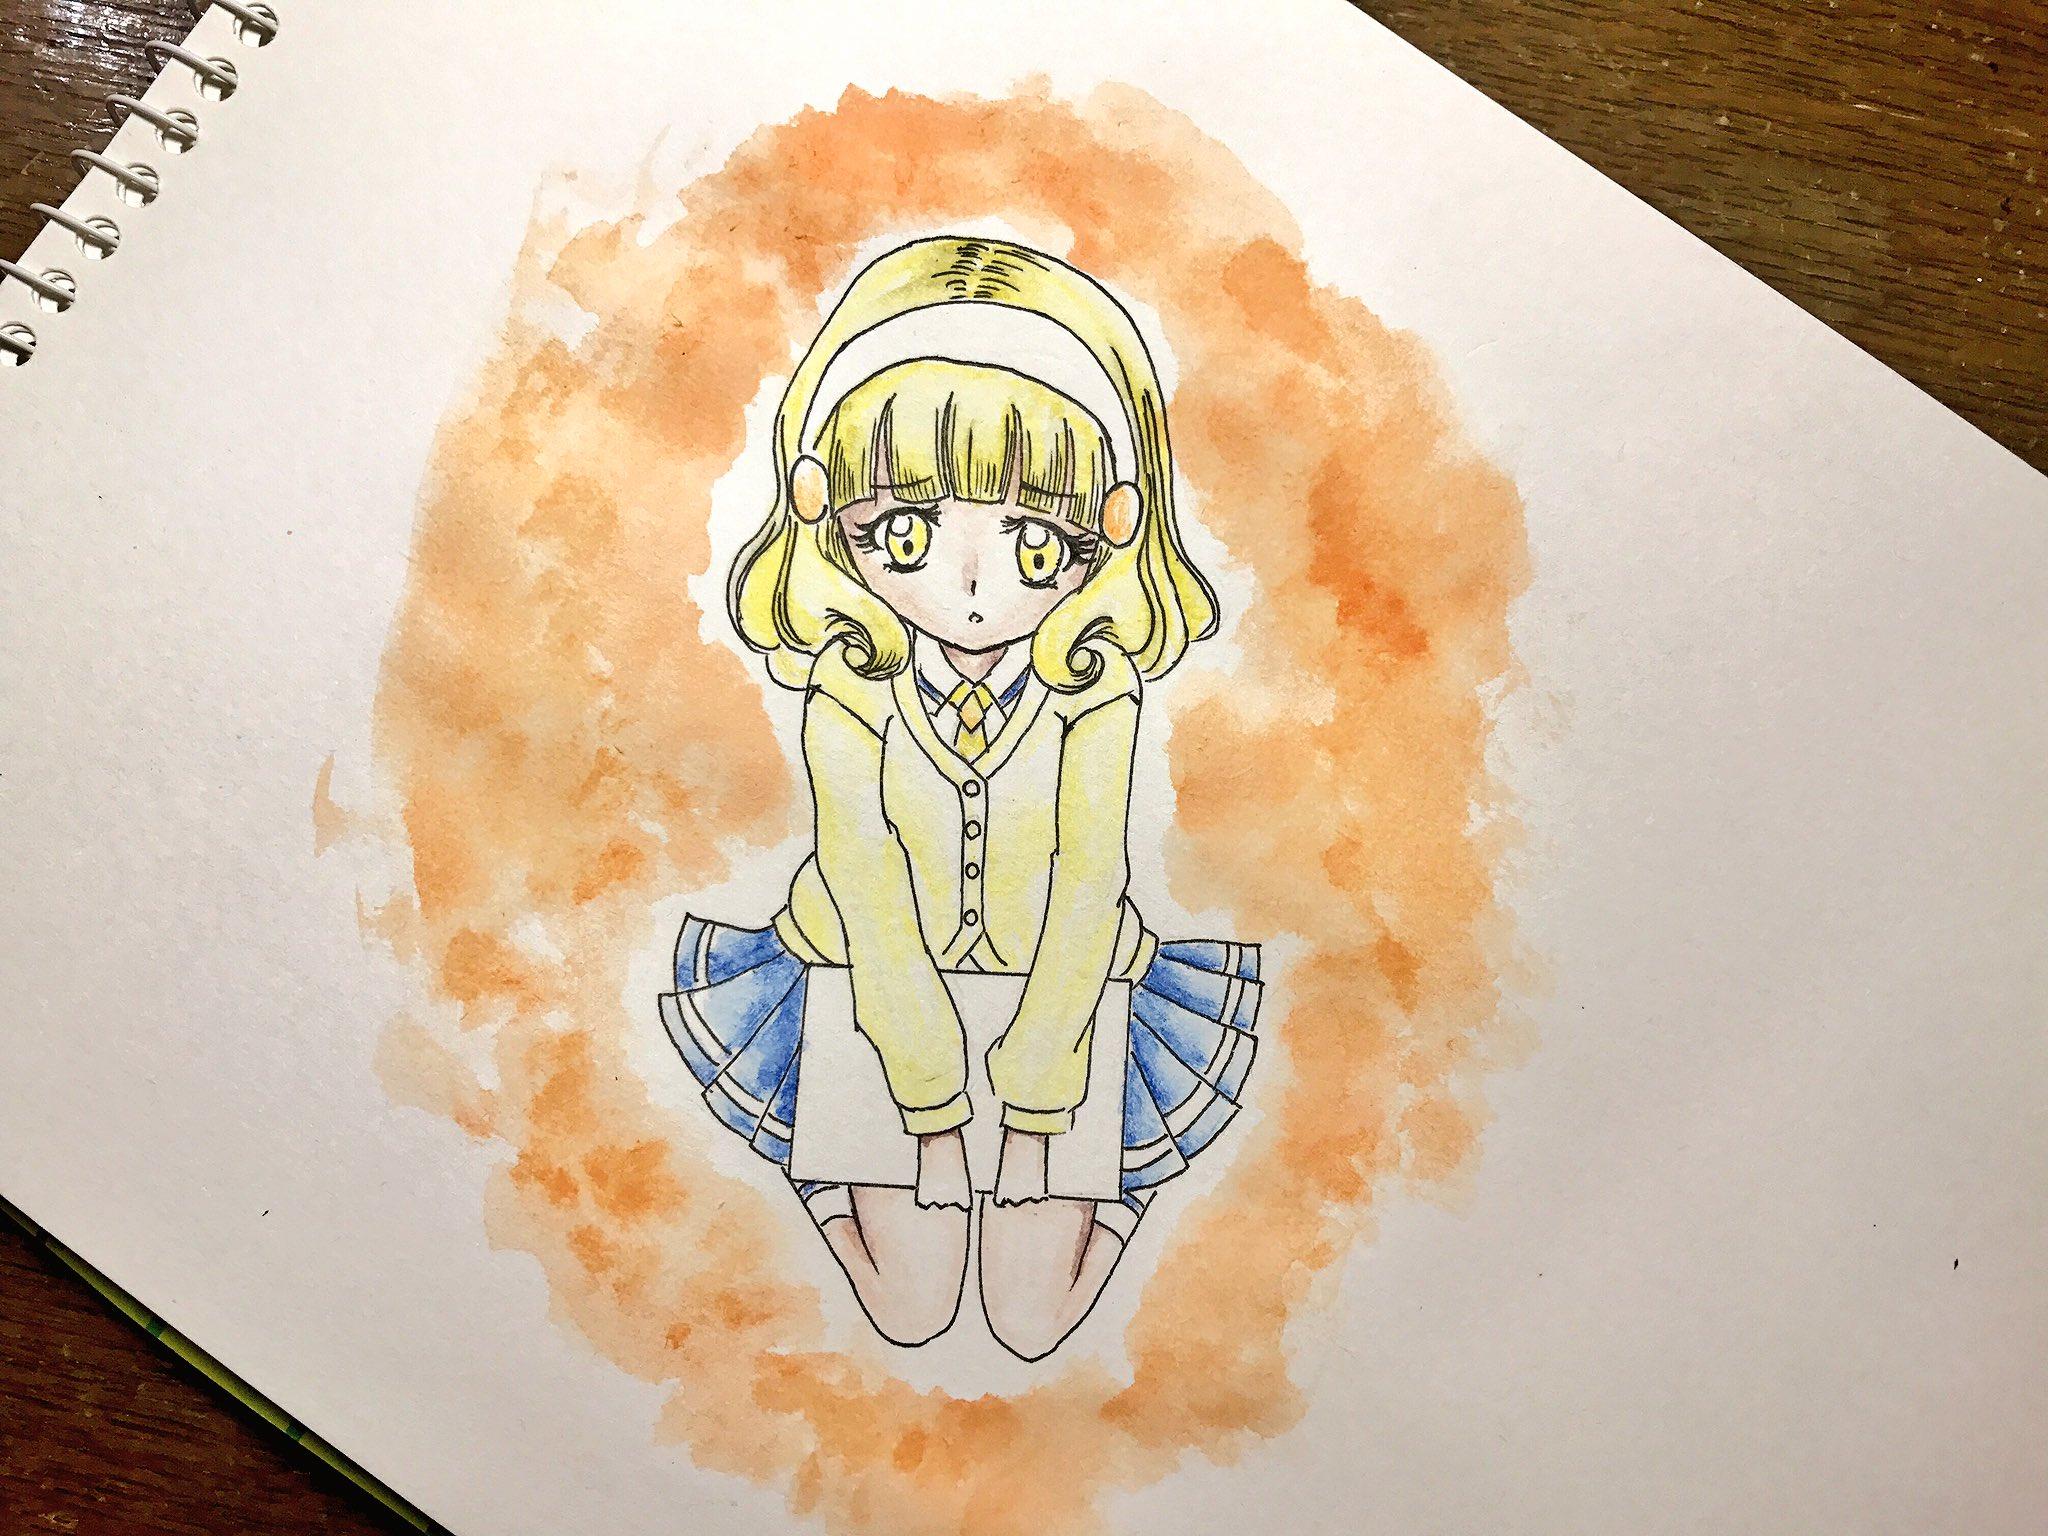 かなかなえ (@too_kanae)さんのイラスト